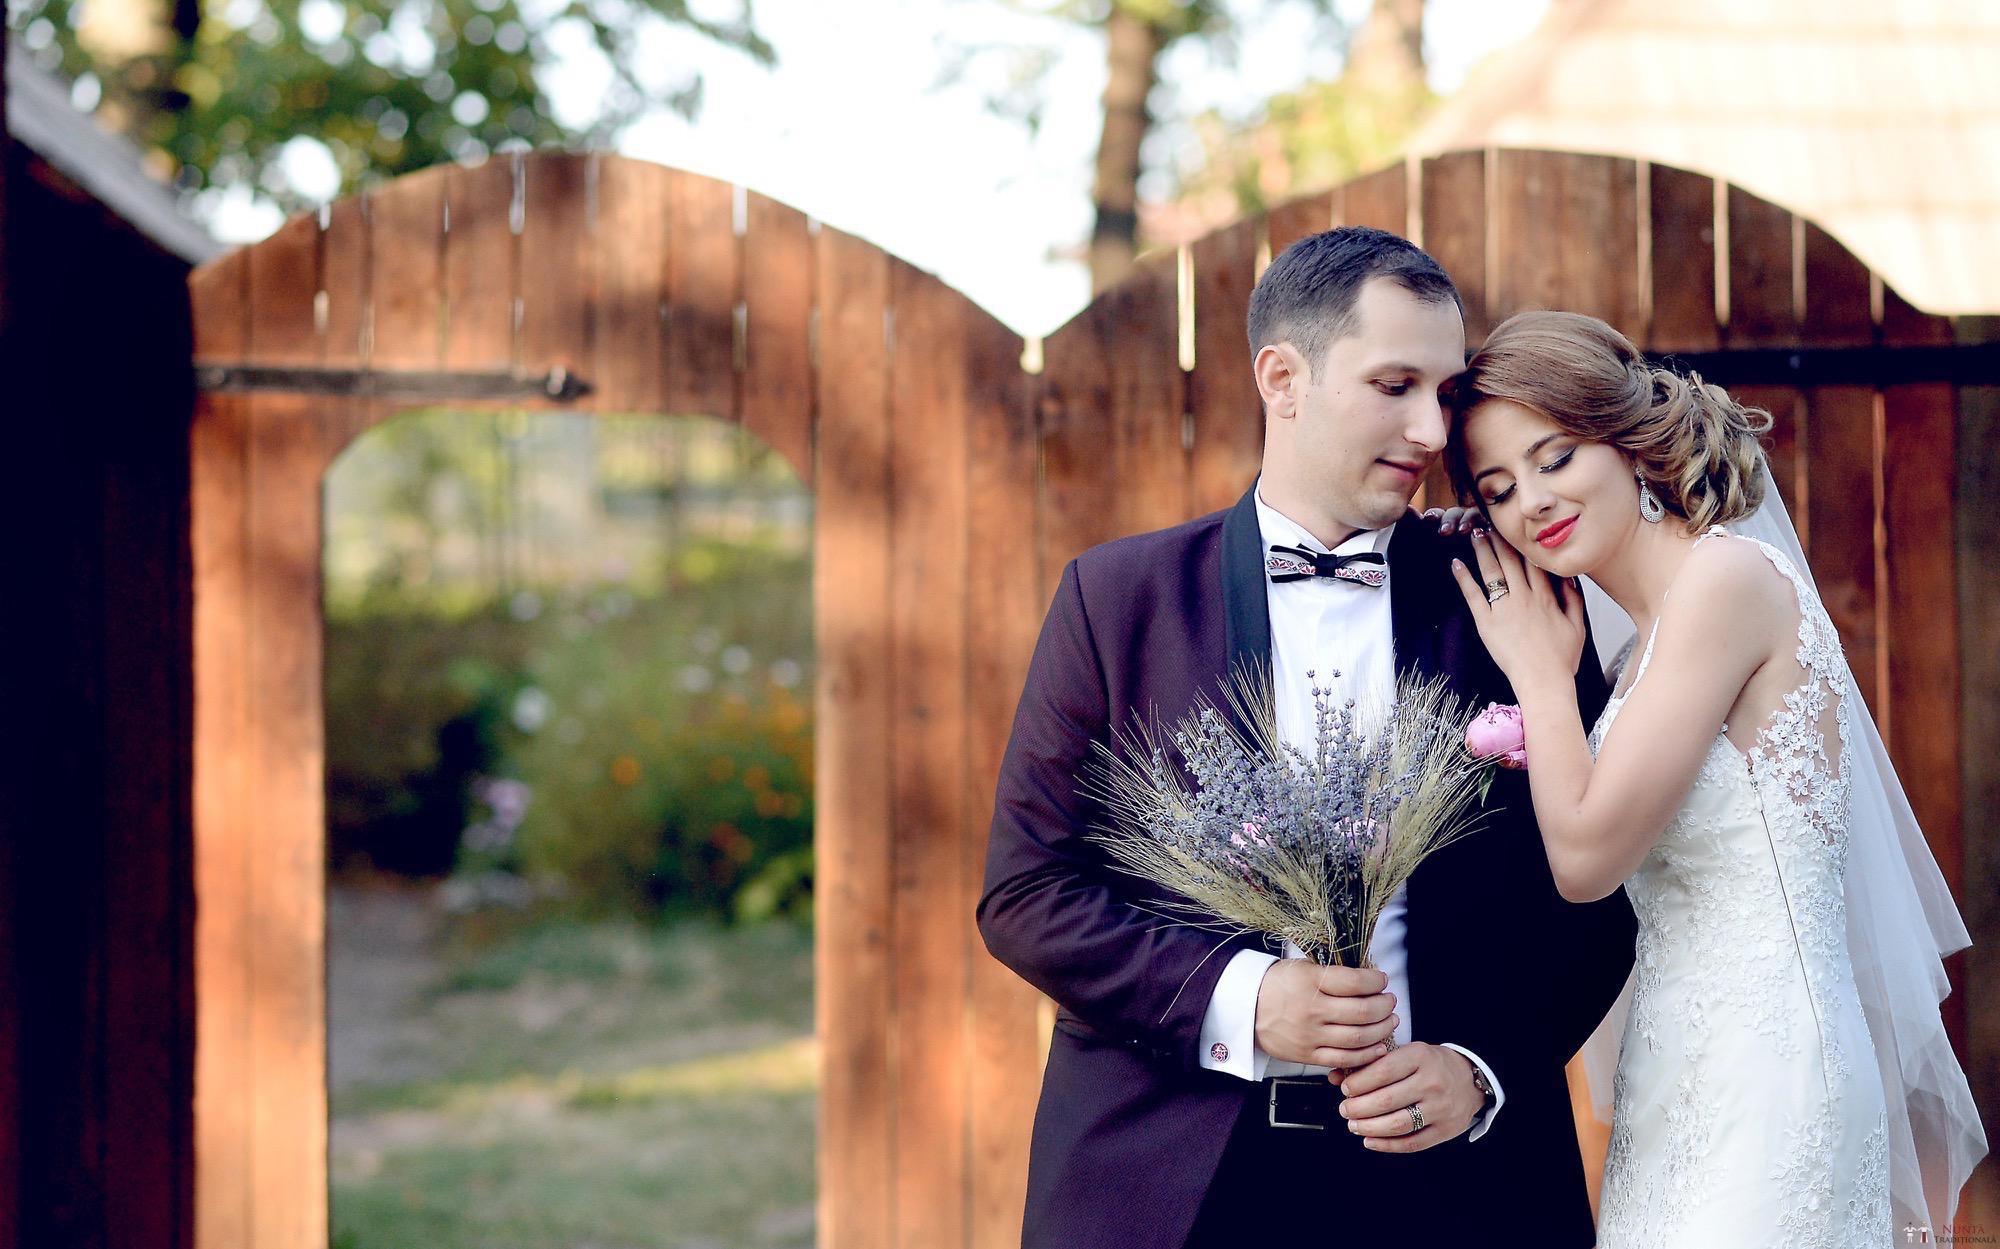 Povești Nunți Tradiționale - Iulia și Andrei. Nuntă tradițională în Bucovina. 79